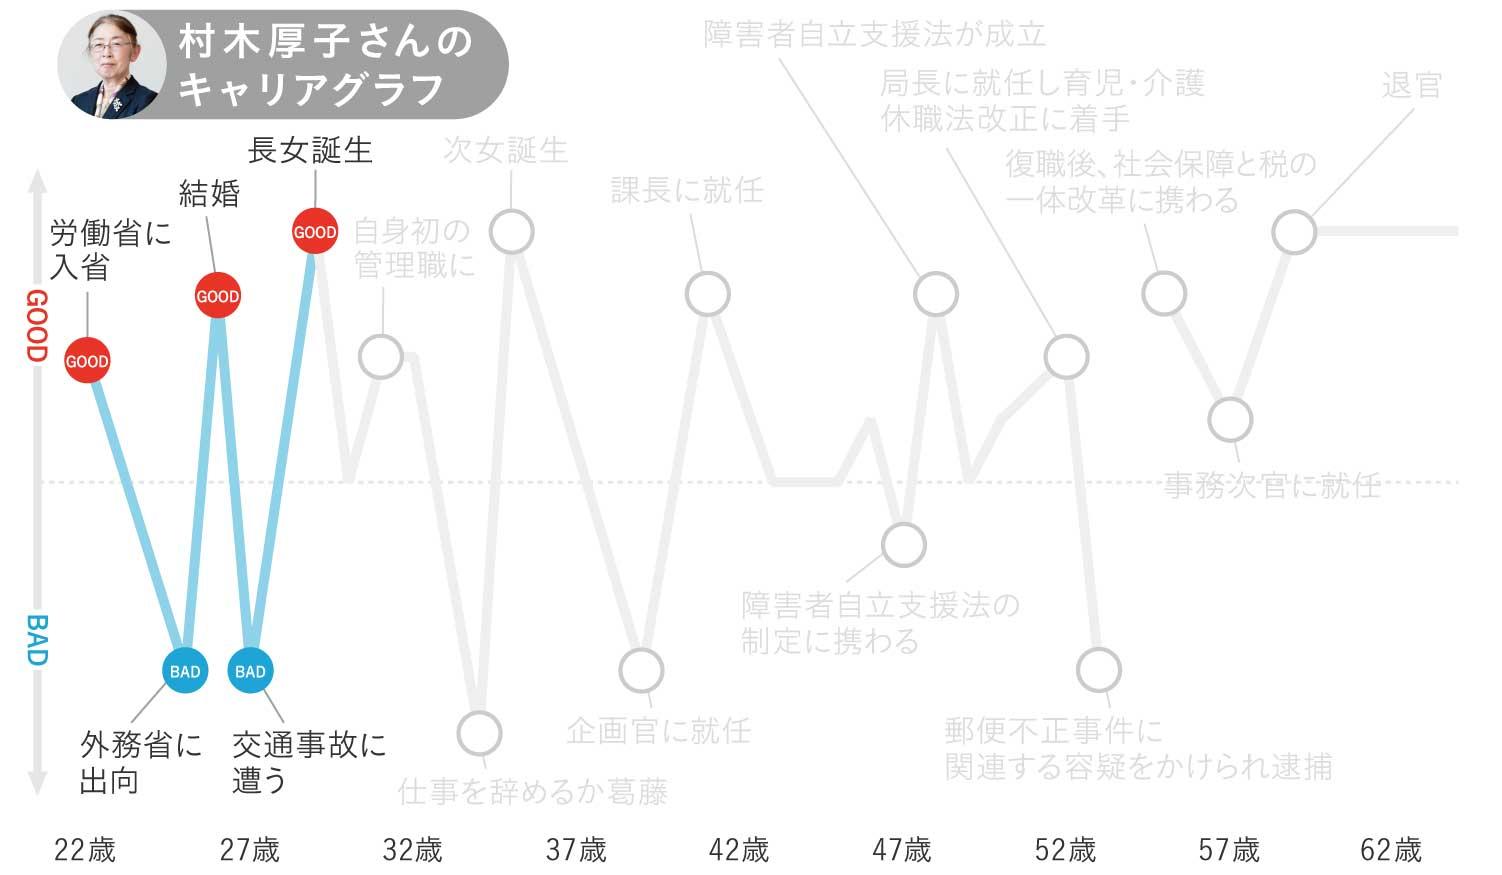 村木厚子さんのキャリアグラフ2